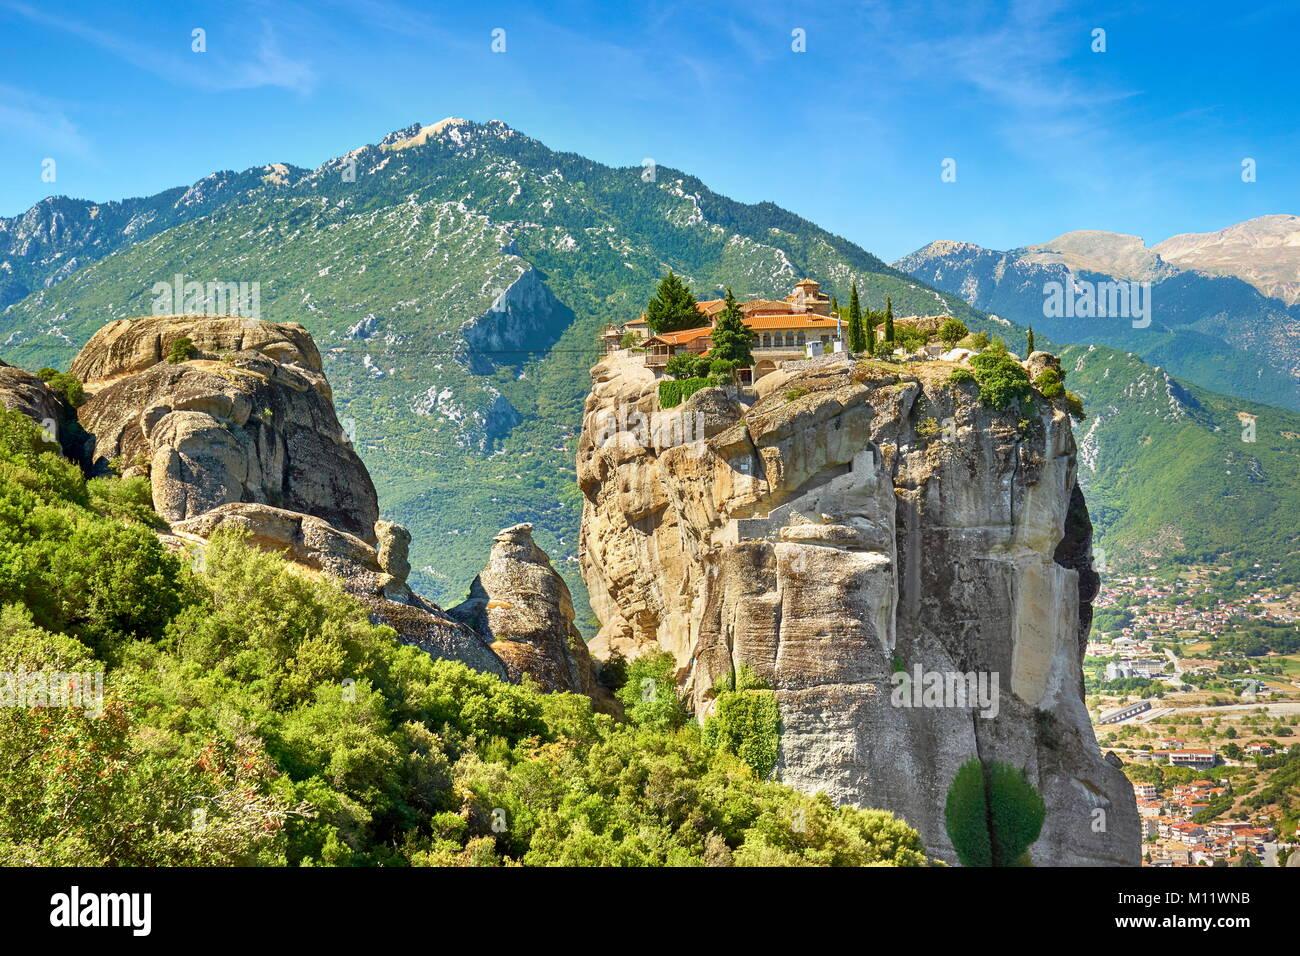 Santa Trinità Monastero di Meteora, regione di Trikala, Grecia Immagini Stock